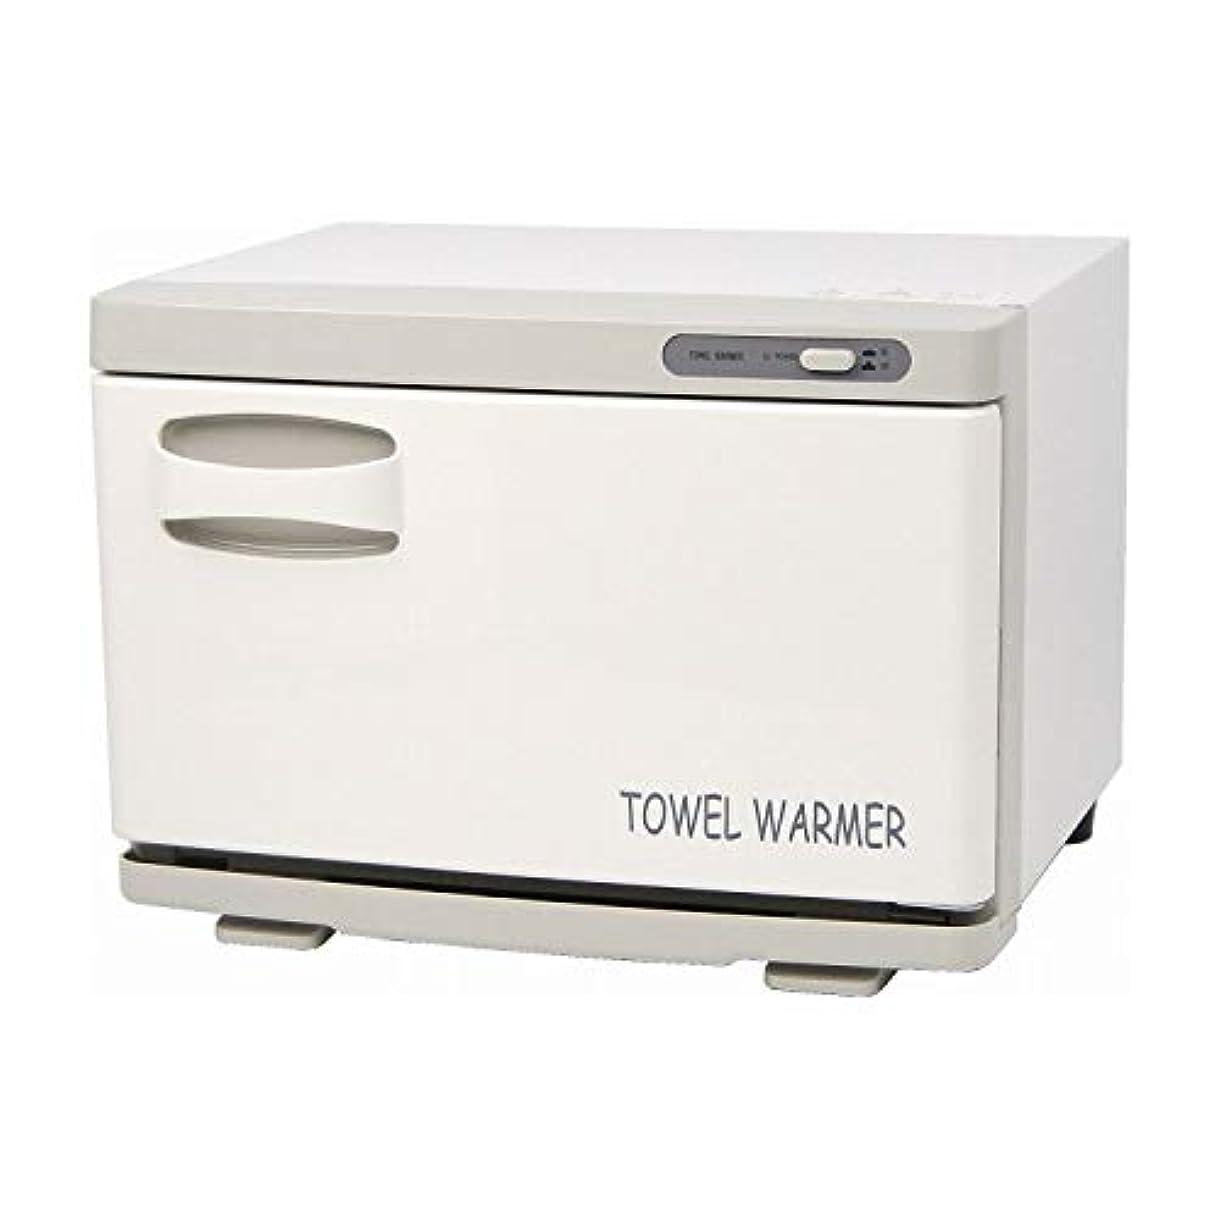 ワードローブまたね結婚したタオルウォーマー TW-12F[ホワイト前開き]新品 おしぼり蒸し器 おしぼりウォーマー ホットウォーマー タオル蒸し器 タオルウオーマー ホットボックス